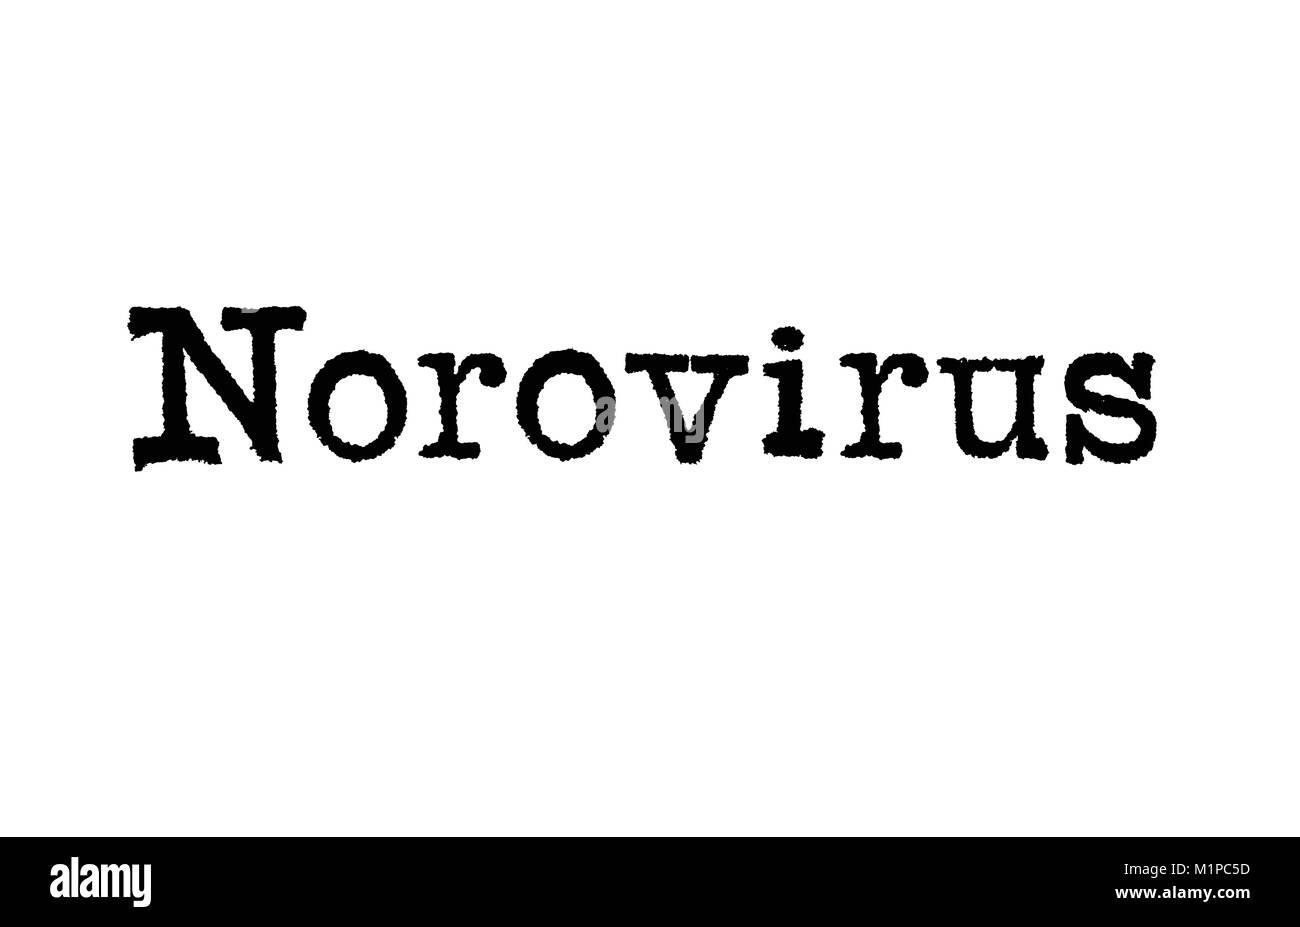 Das Wort Norovirus aus einer Schreibmaschine auf weißem Hintergrund Stockbild